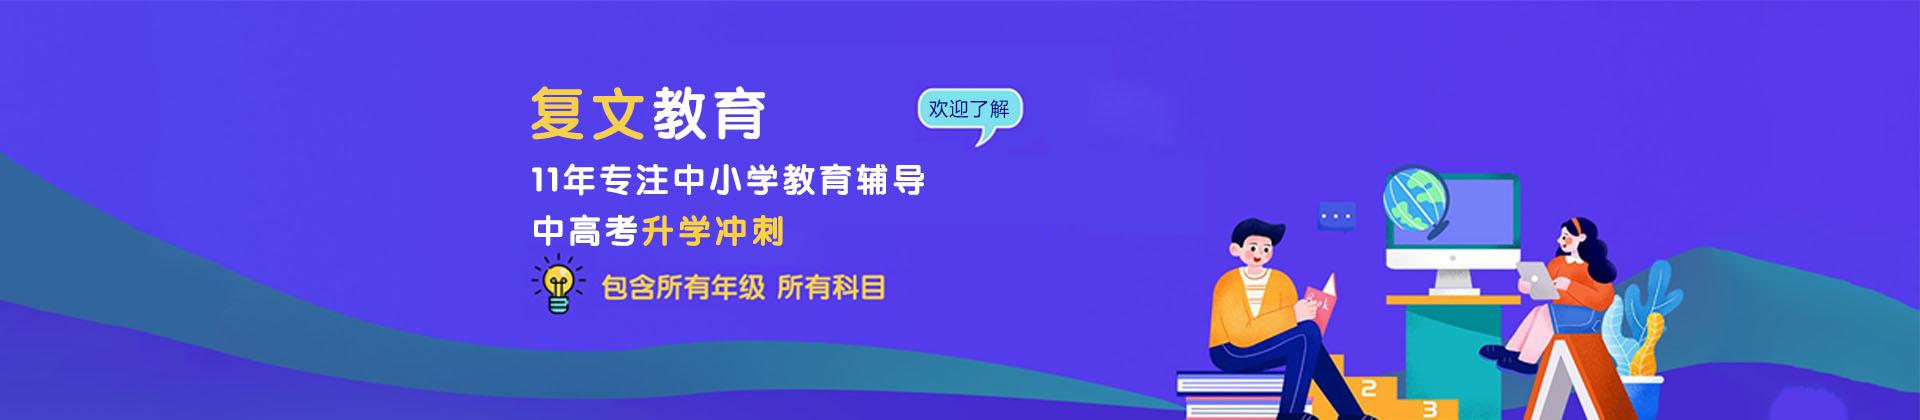 上海復文教育